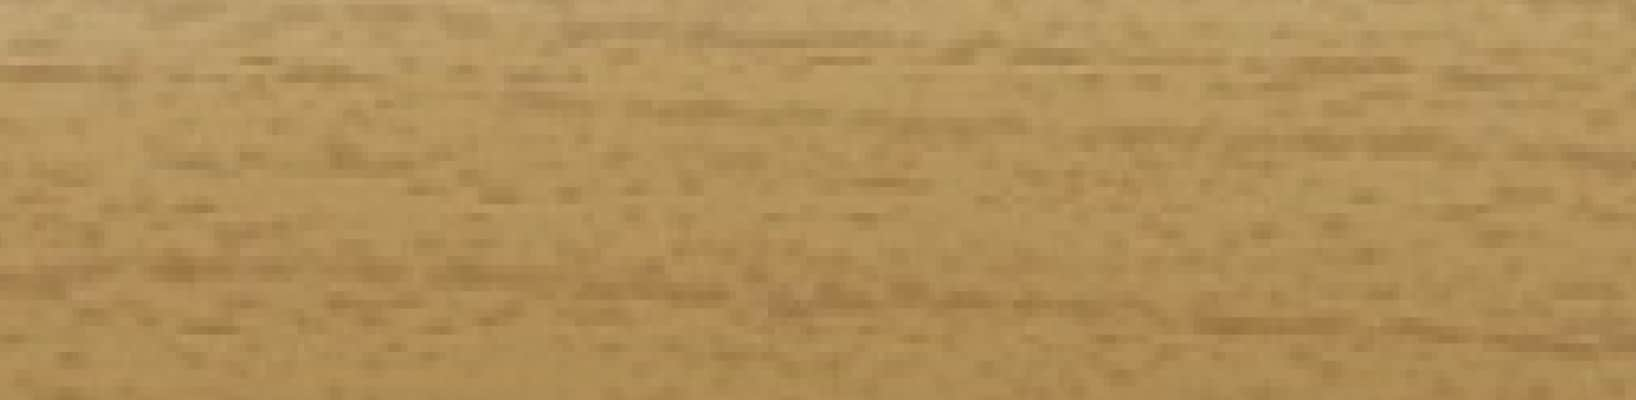 Drewnopodobny Nr koloru W98 (Dopłata 30%)